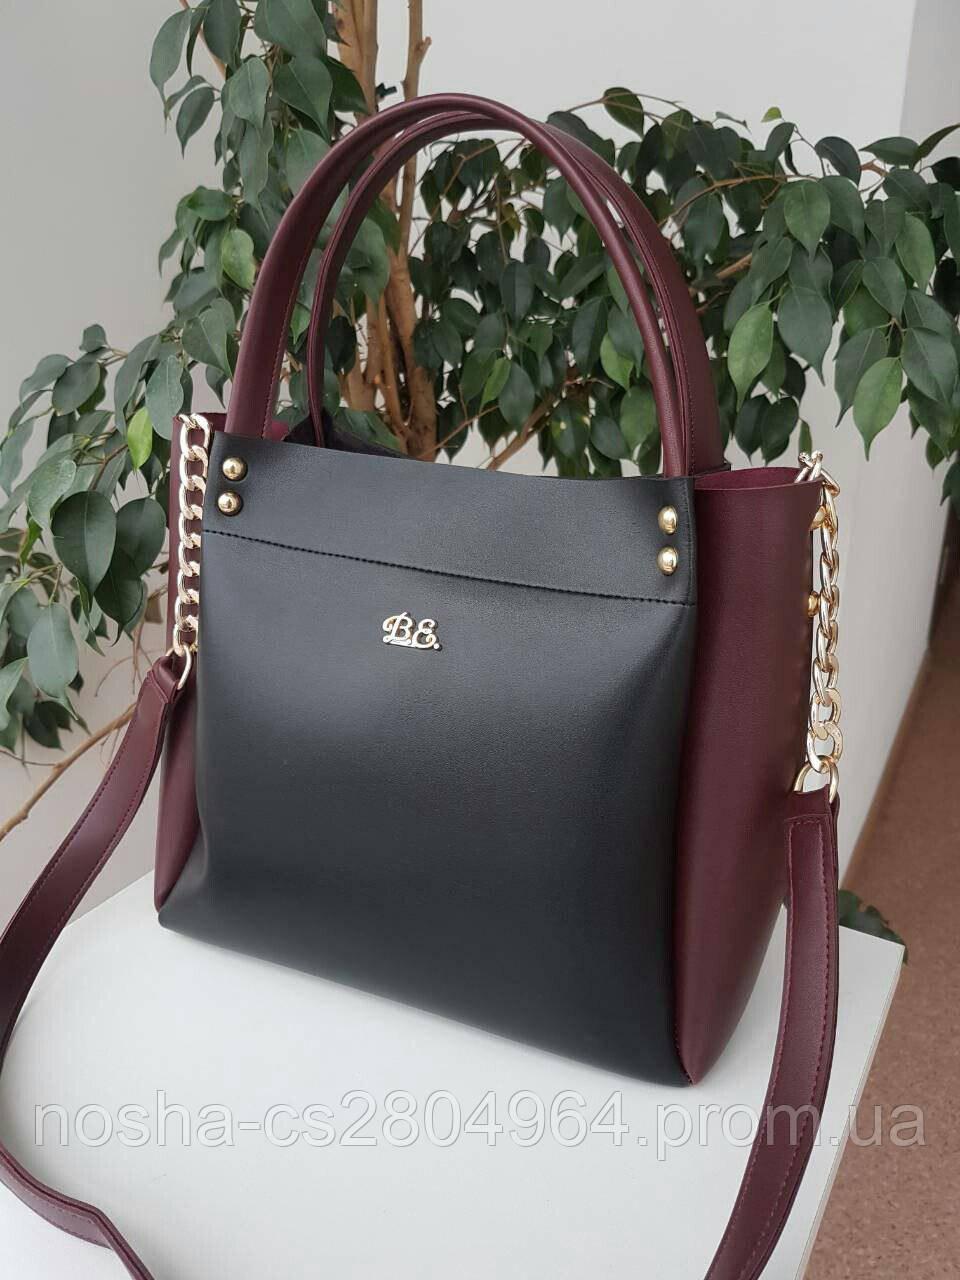 Компактная сумка с цепочкой через плечо B.Elit   Сумка женская Б.Элит   f4890be748ed9